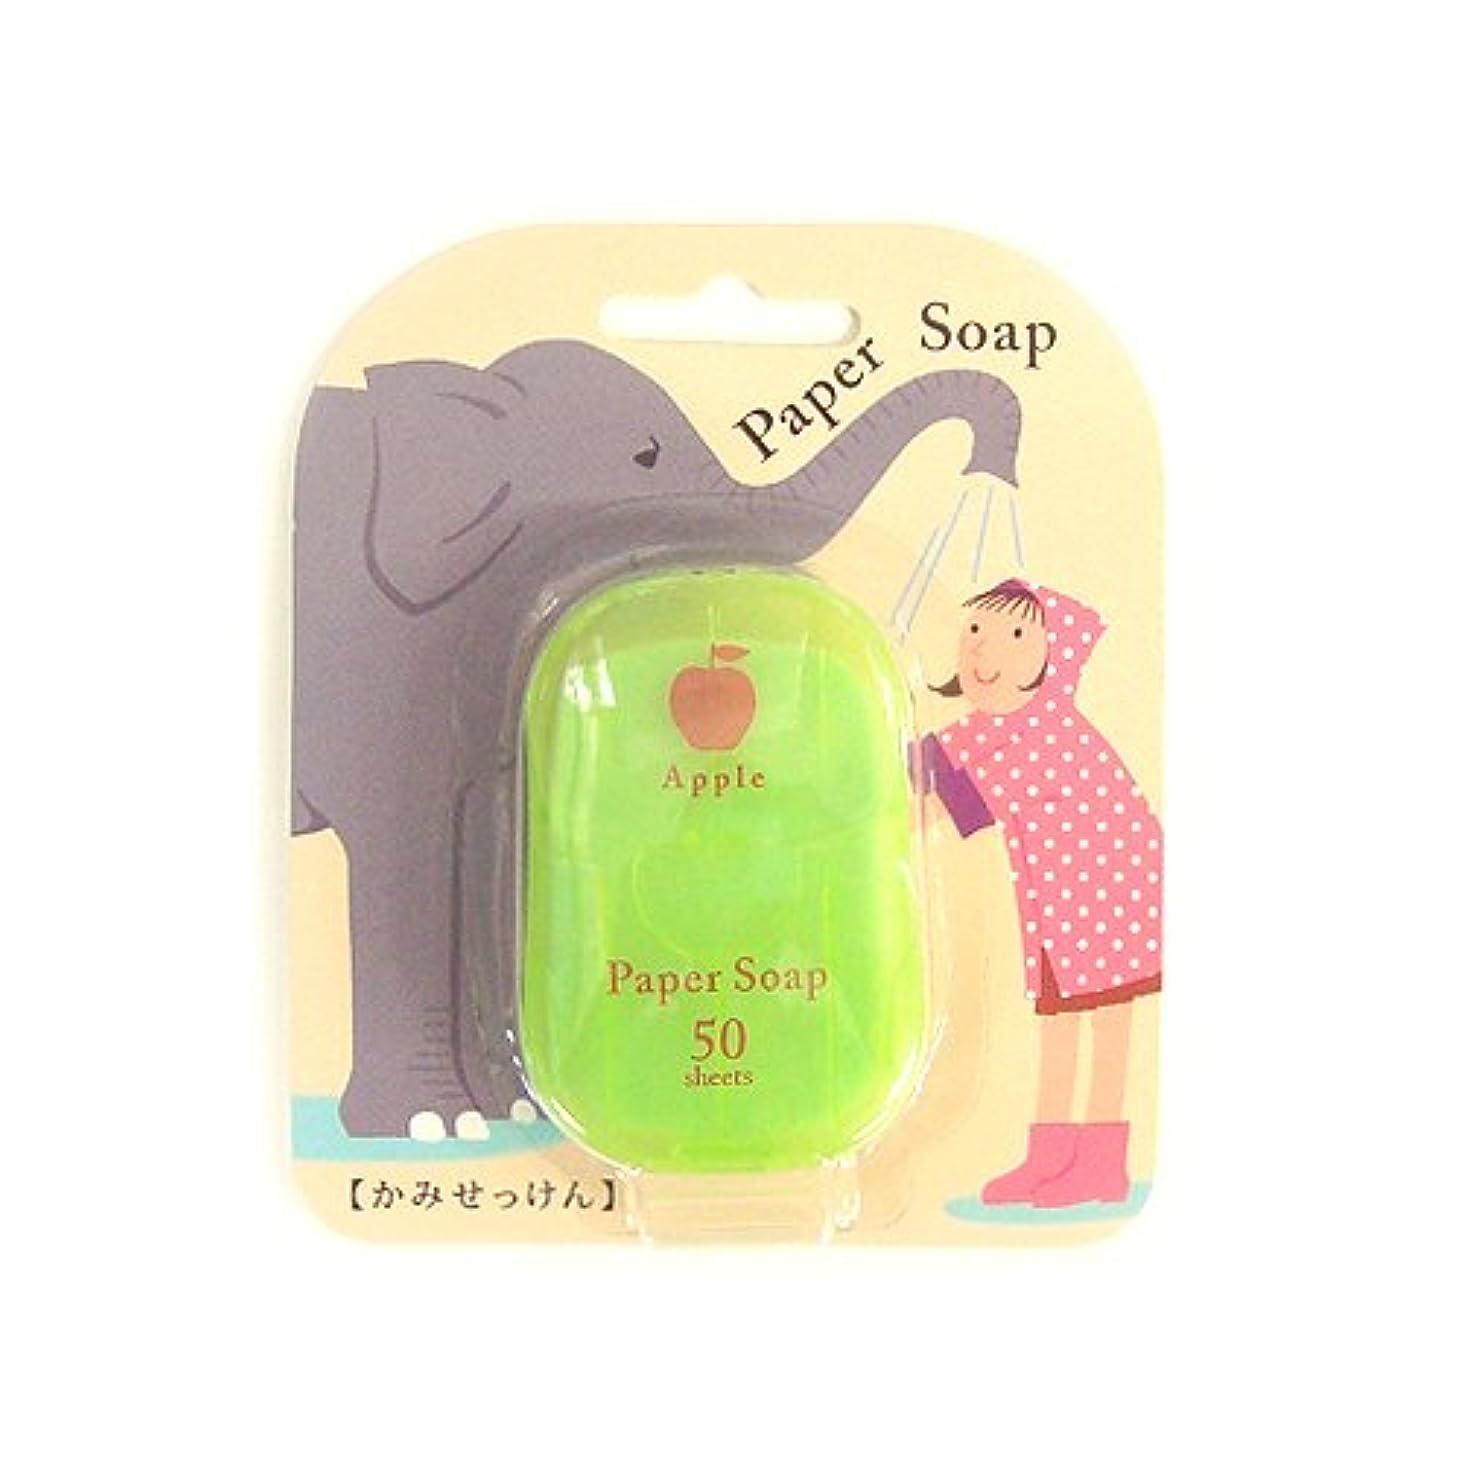 ペチコート見物人シャッフルペーパーソープ(かみせっけん) アップルの香り